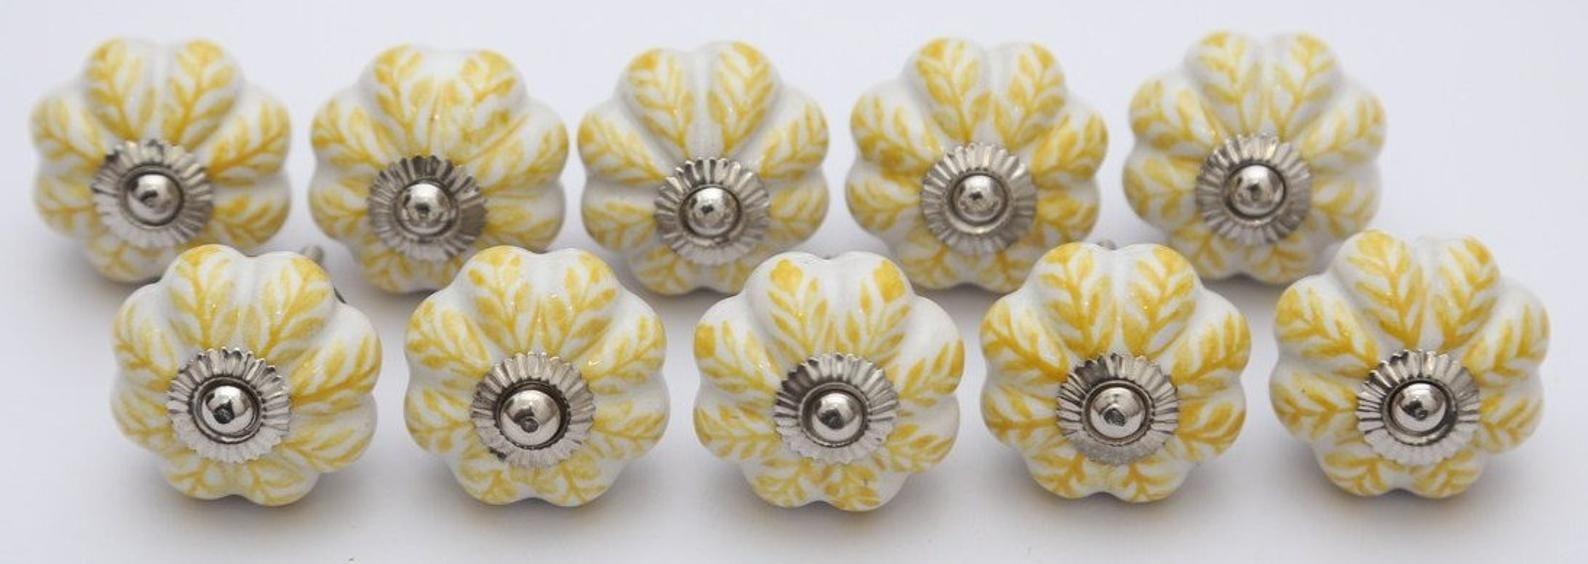 White Flower Design Hand Painted Ceramic Door Knobs Kitchen Cabinet Drawer Pulls